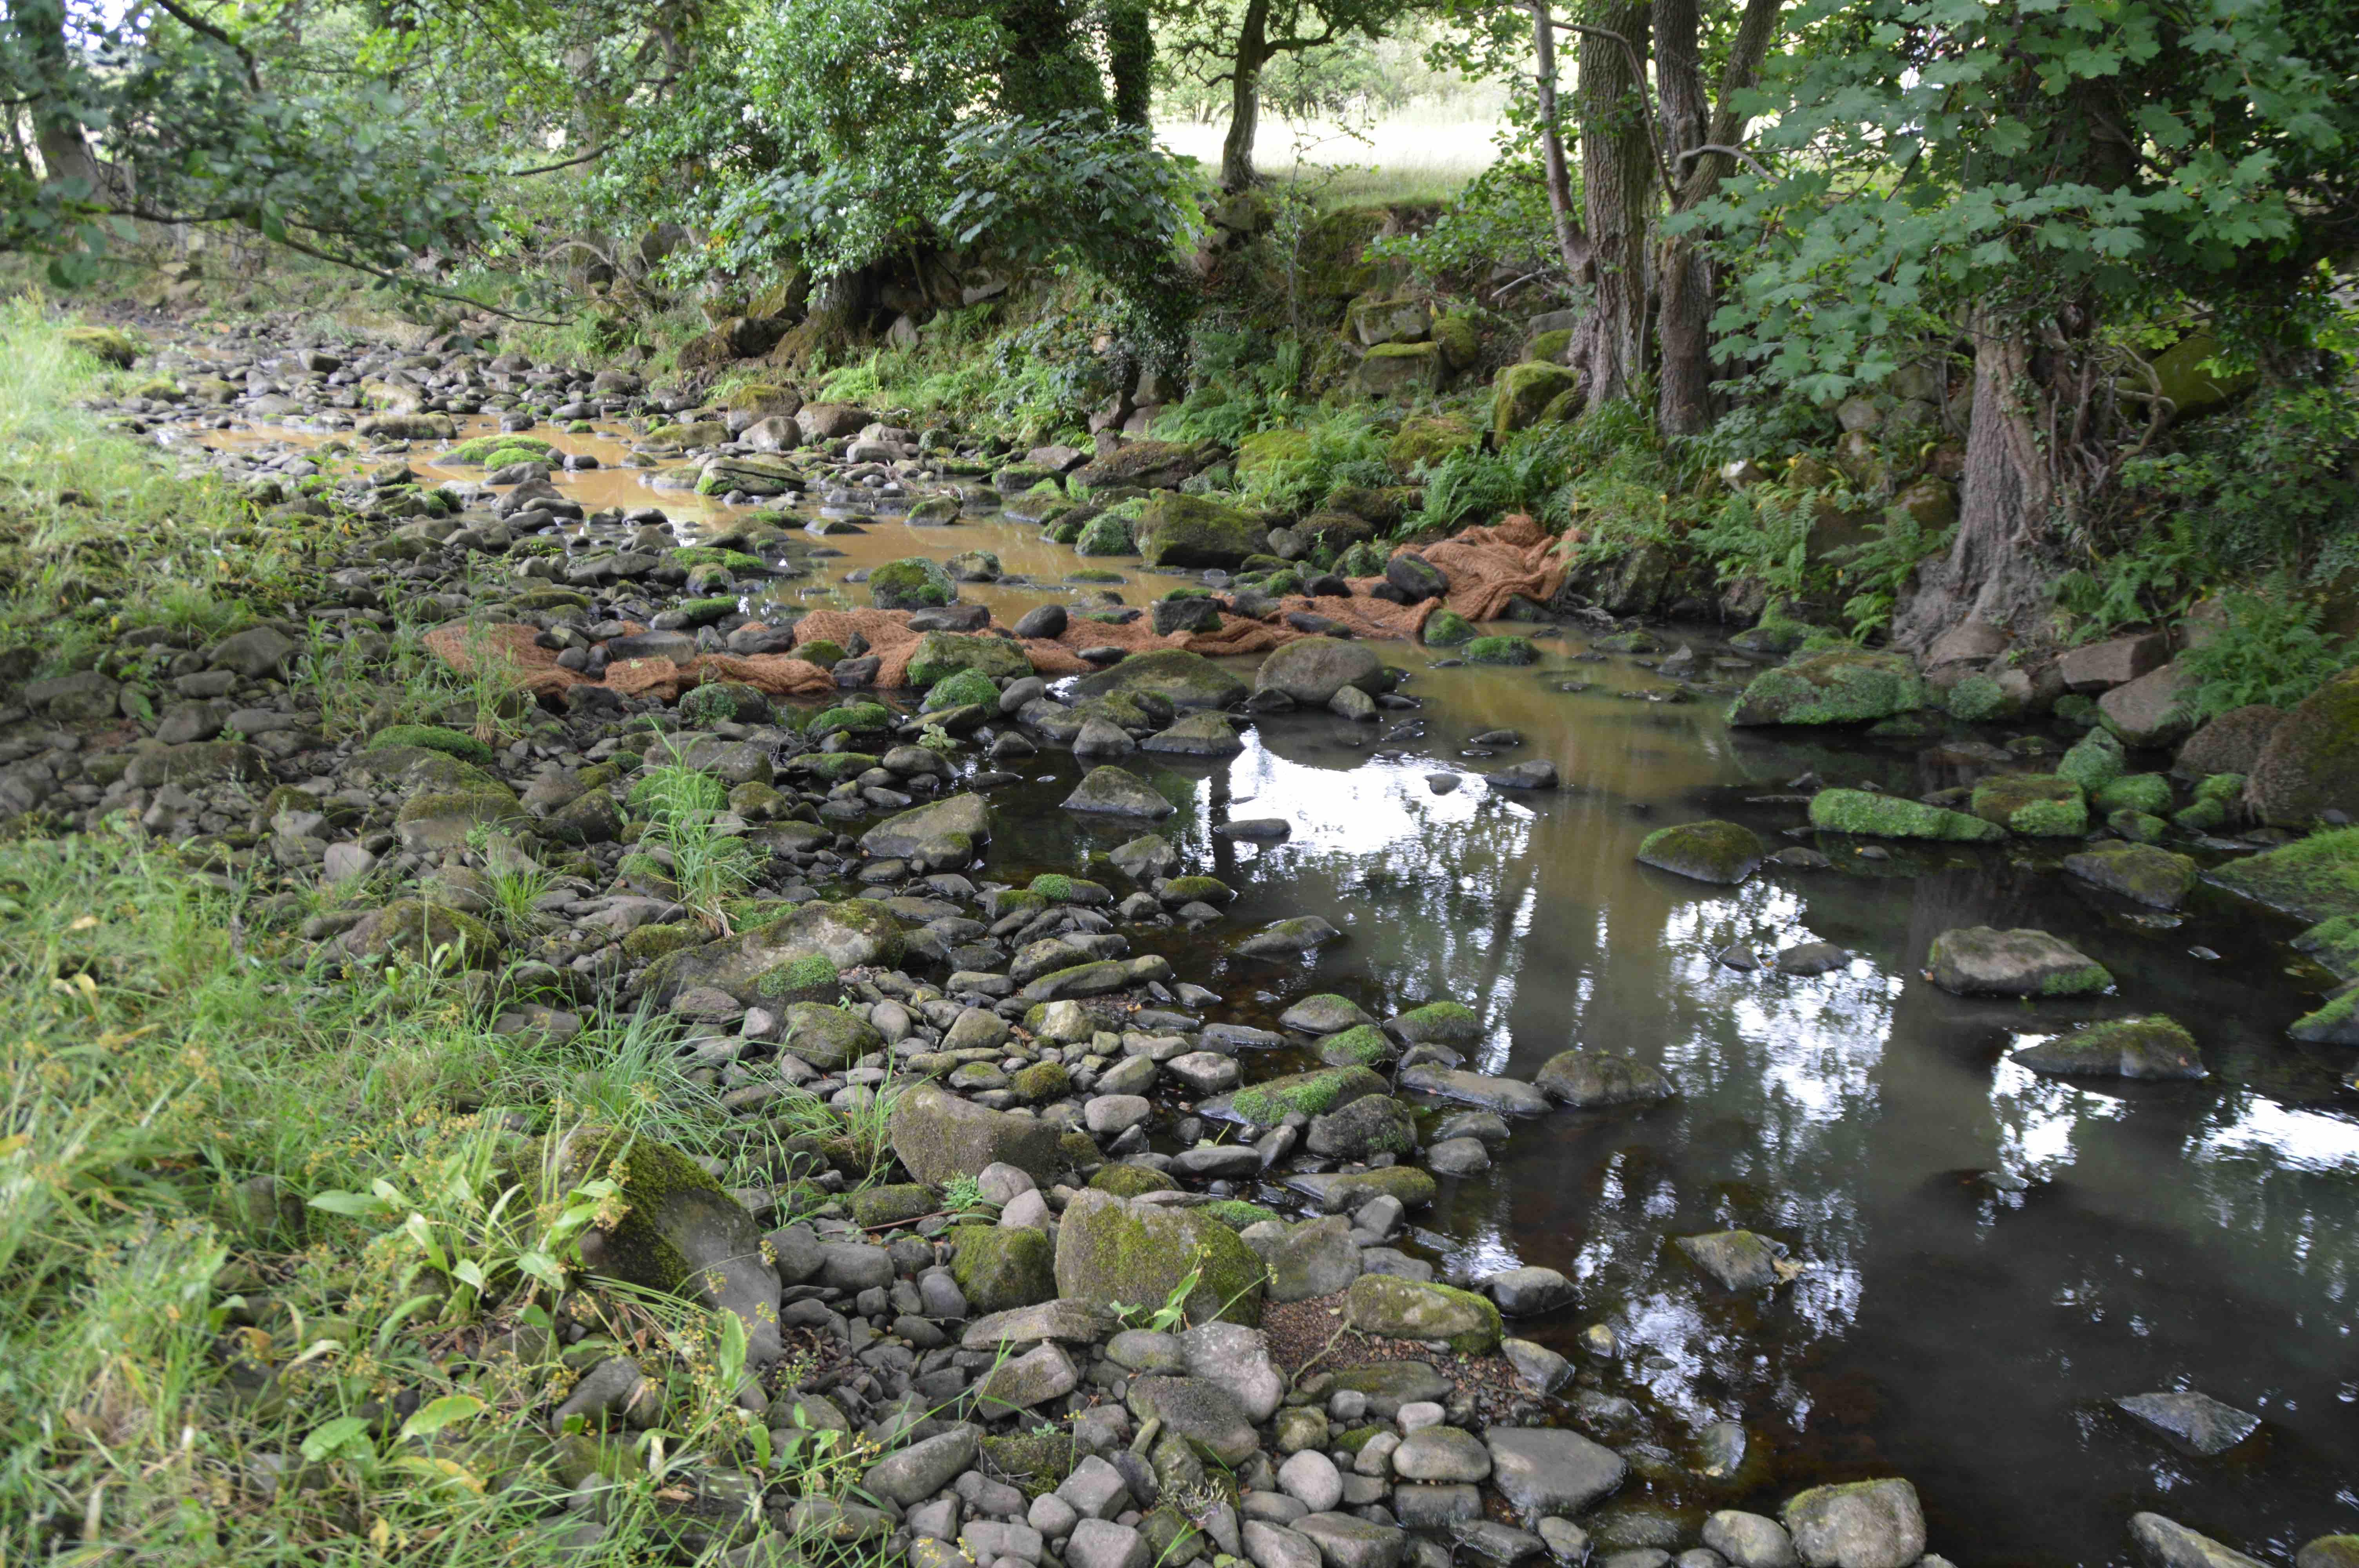 Floc Mats in stream